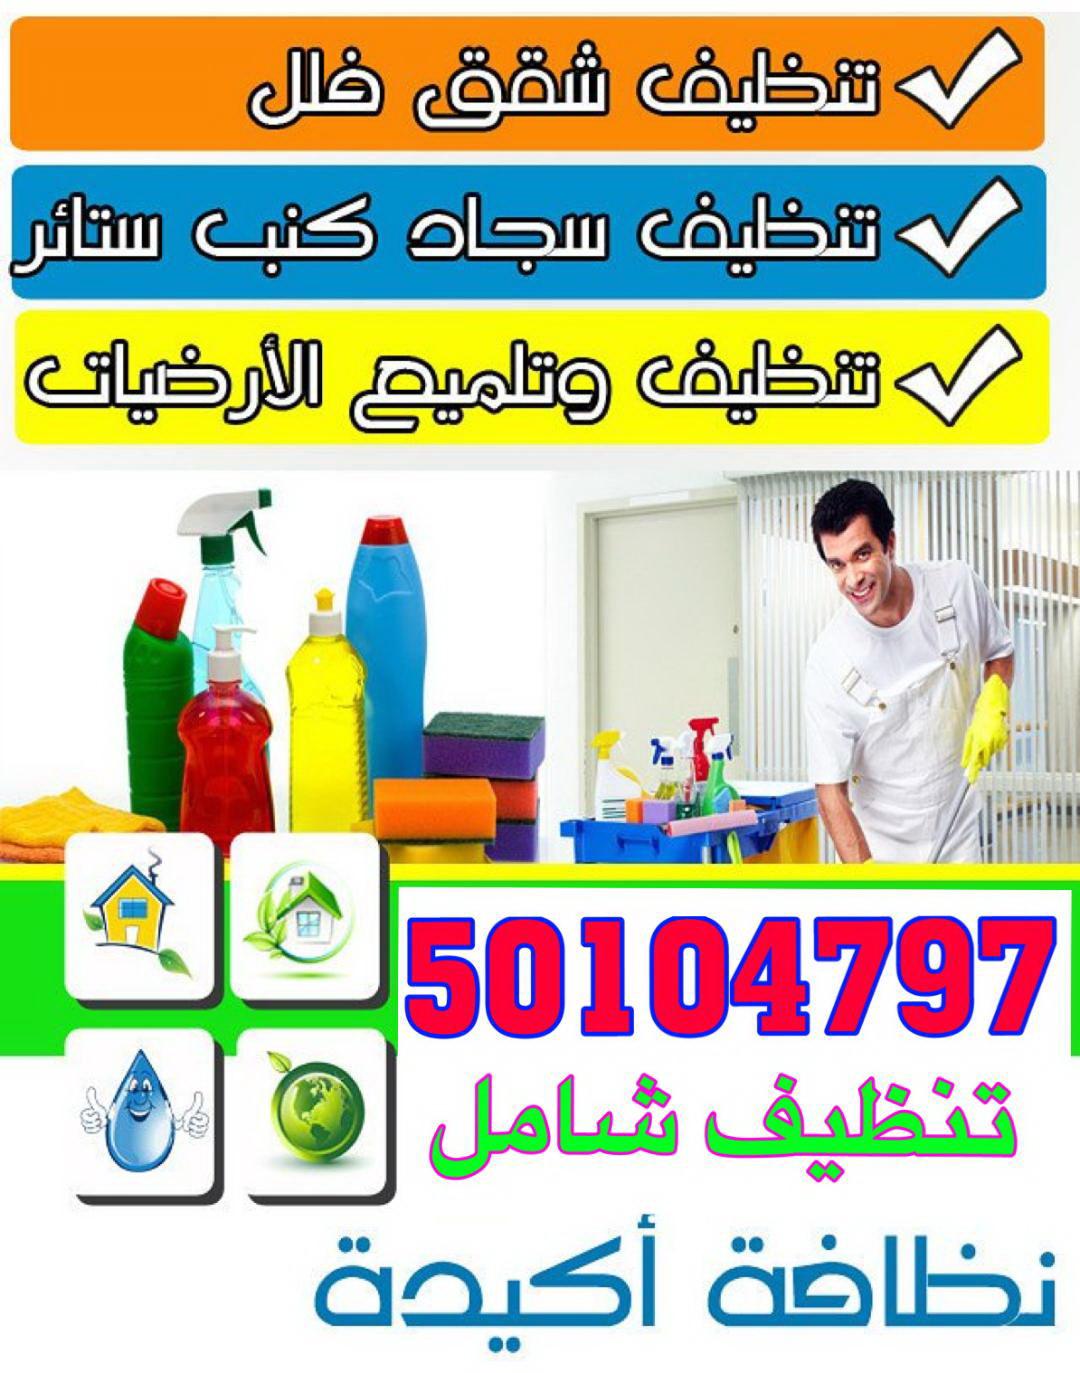 شركة تنظيف الطرف الاخر 50104797